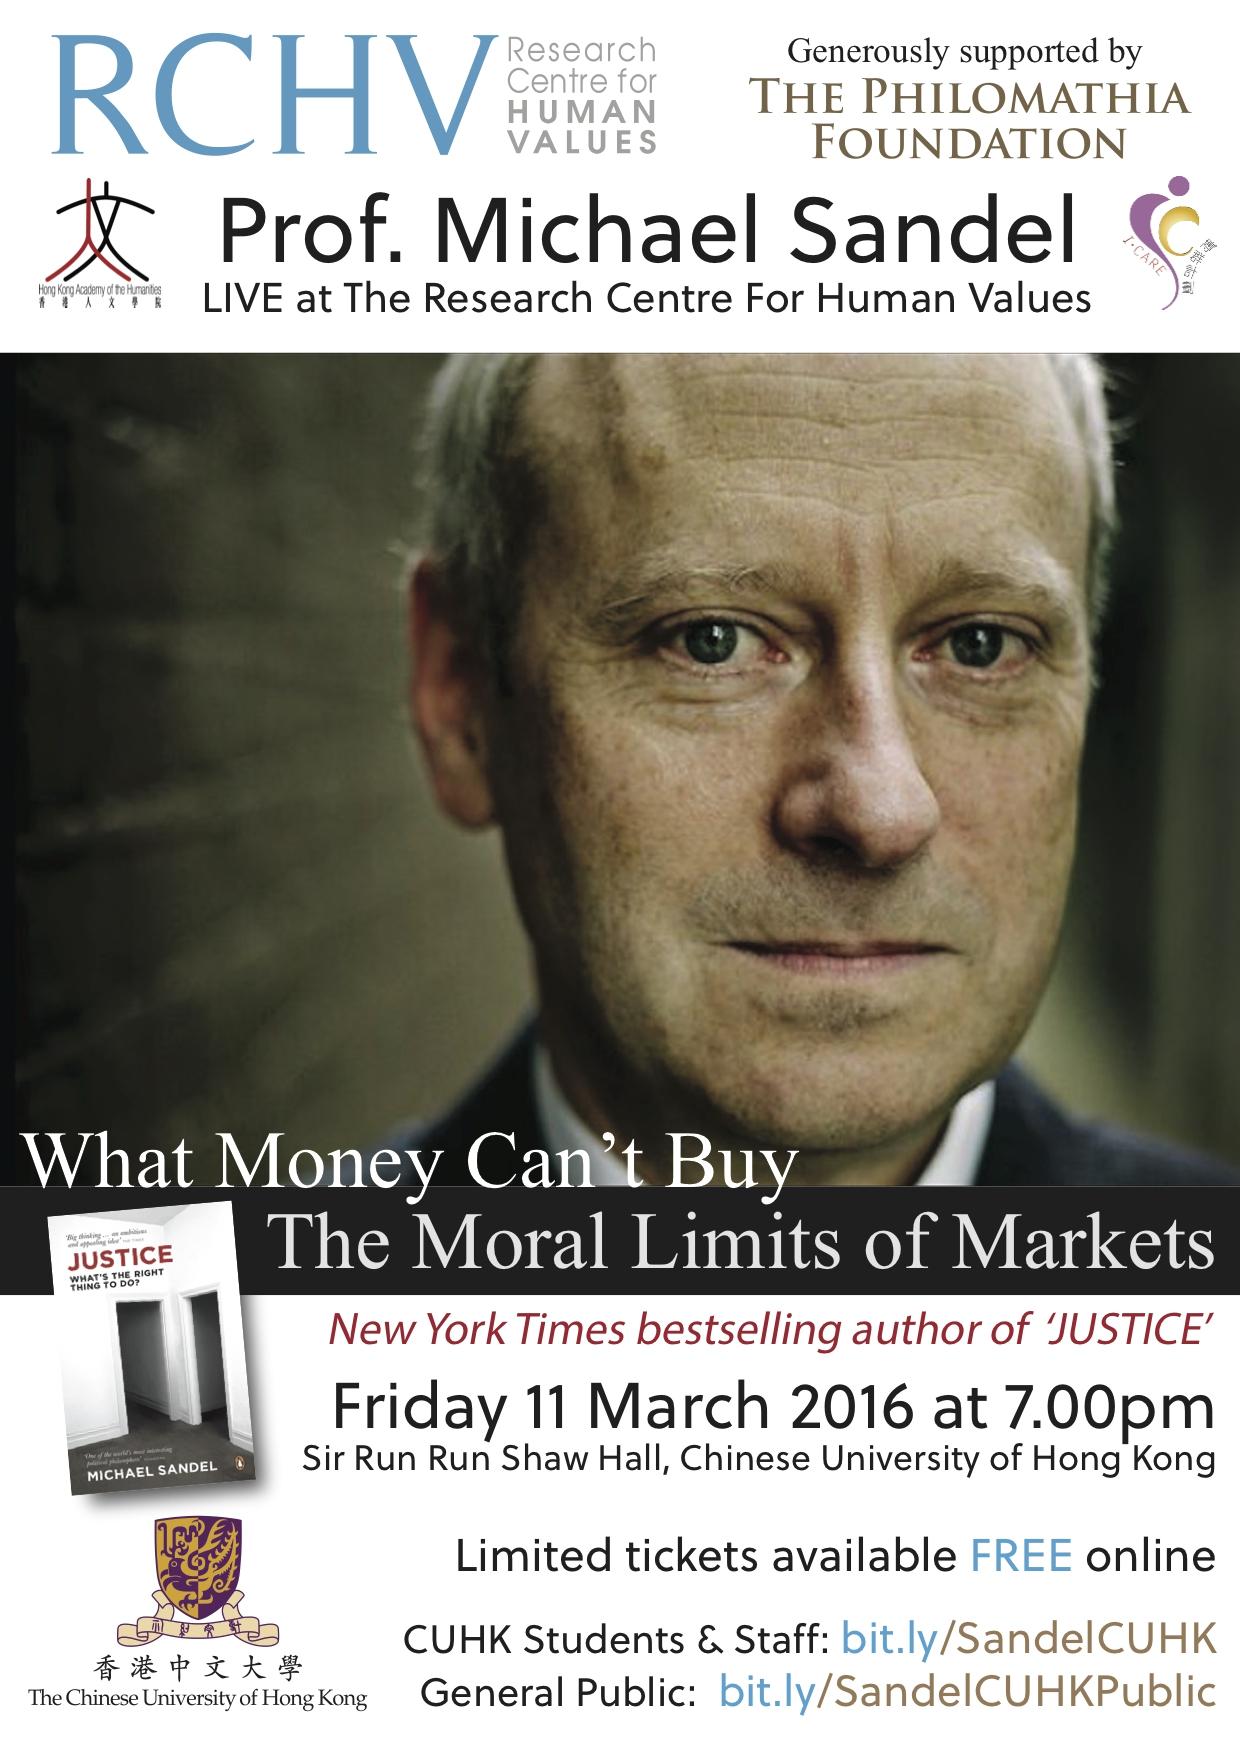 香港中文大学人文价值研究中心杰出讲座 迈可・桑德尔教授主讲《钱买不到的东西:金钱与正义的攻防》